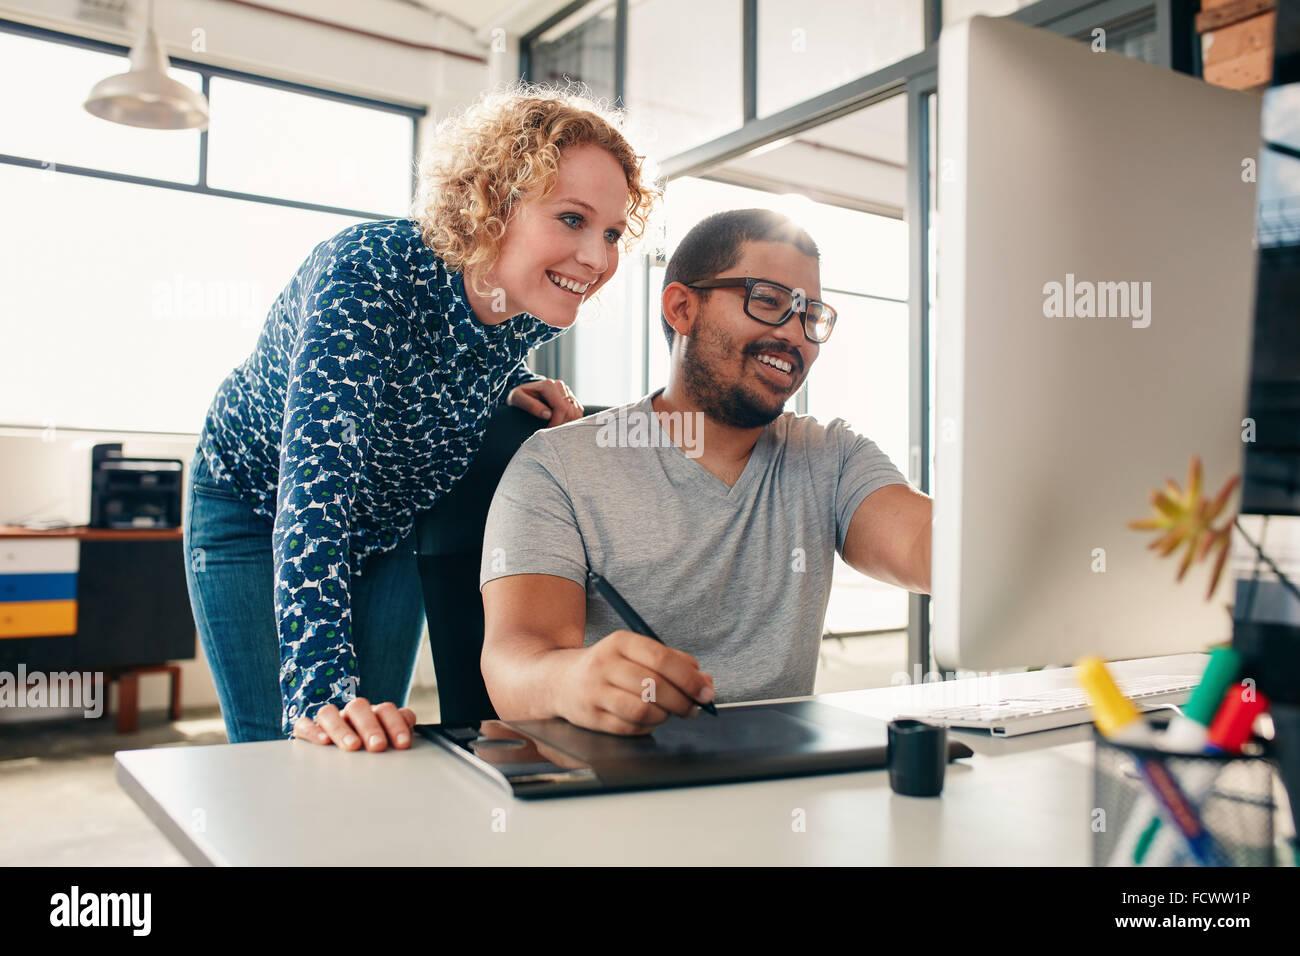 Deux jeunes designers, hommes et femmes travaillent ensemble, avec l'homme modification d'une illustration Photo Stock